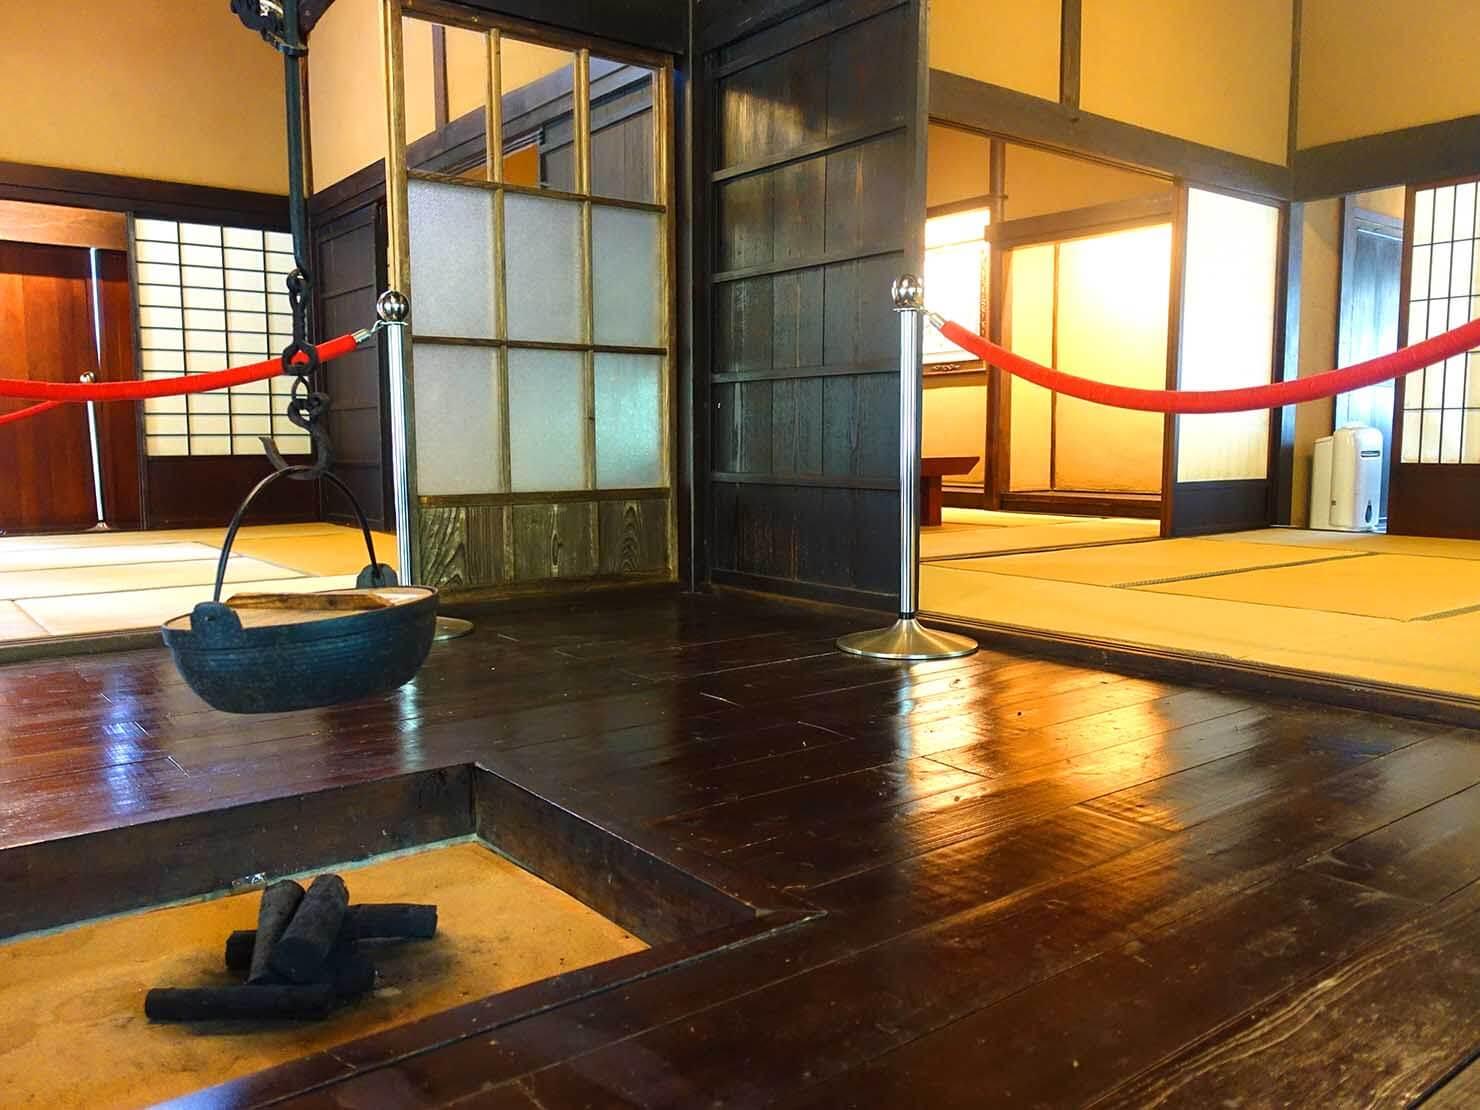 台北・淡水のおすすスポット「一滴水紀念館」の屋内